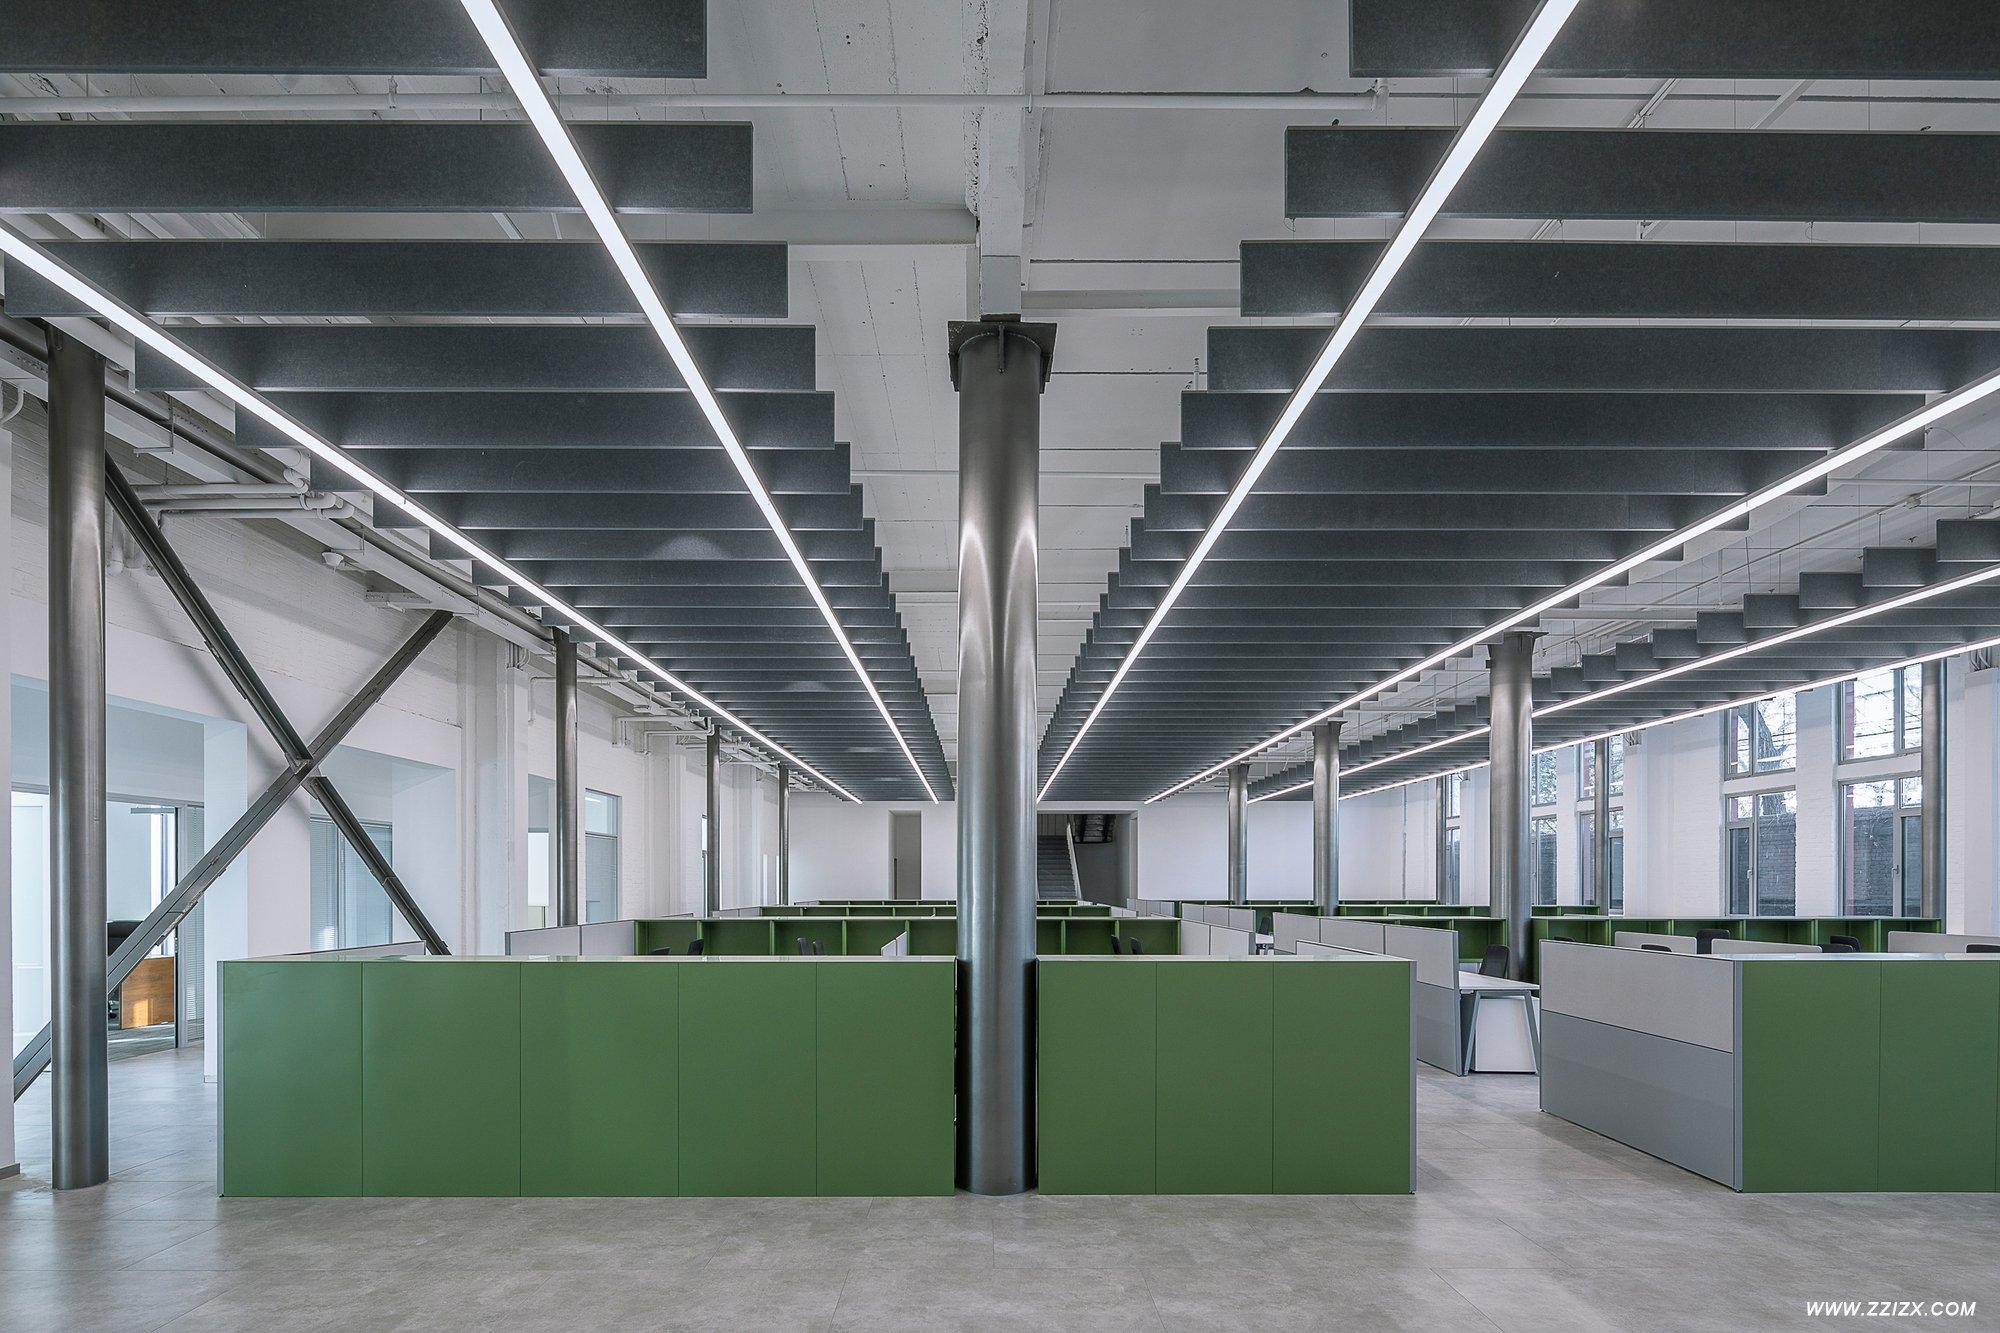 郑州办公室装修公司要注重轻装修重装饰